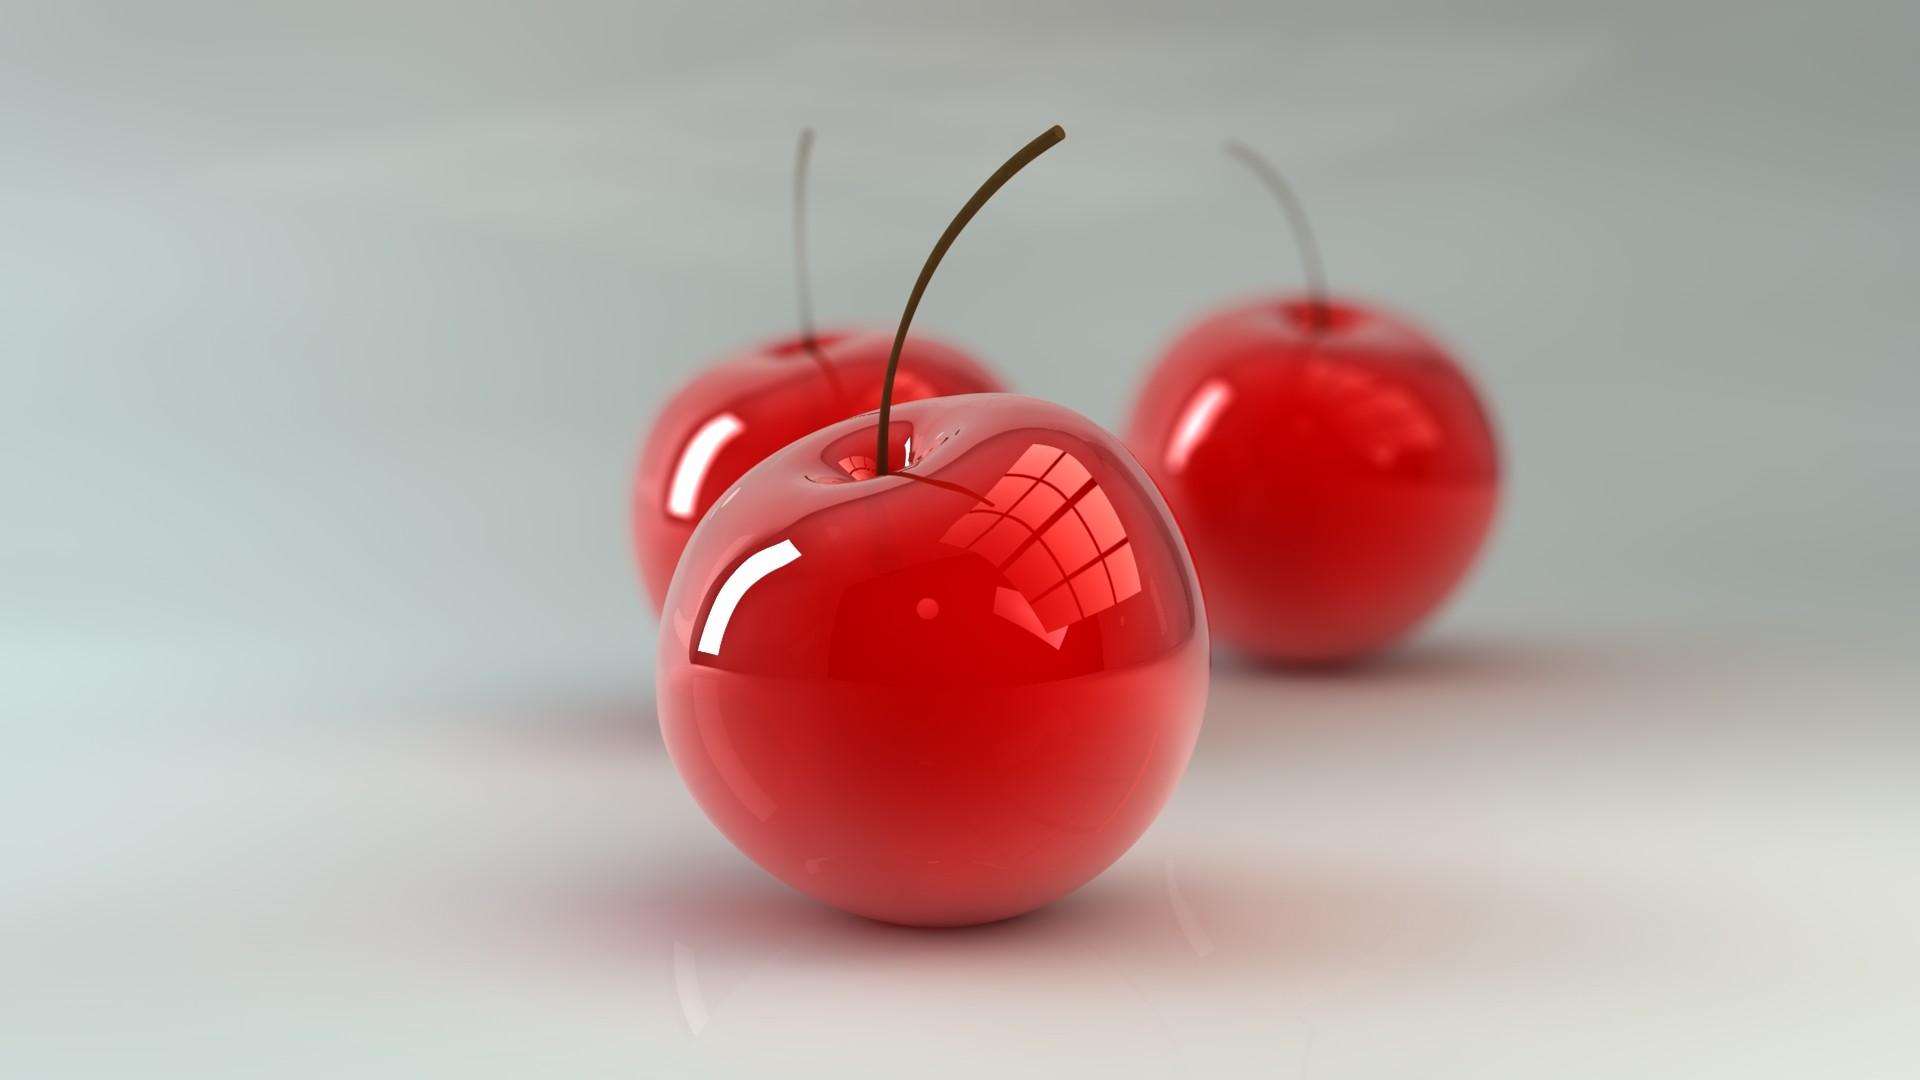 3d glossy cherries